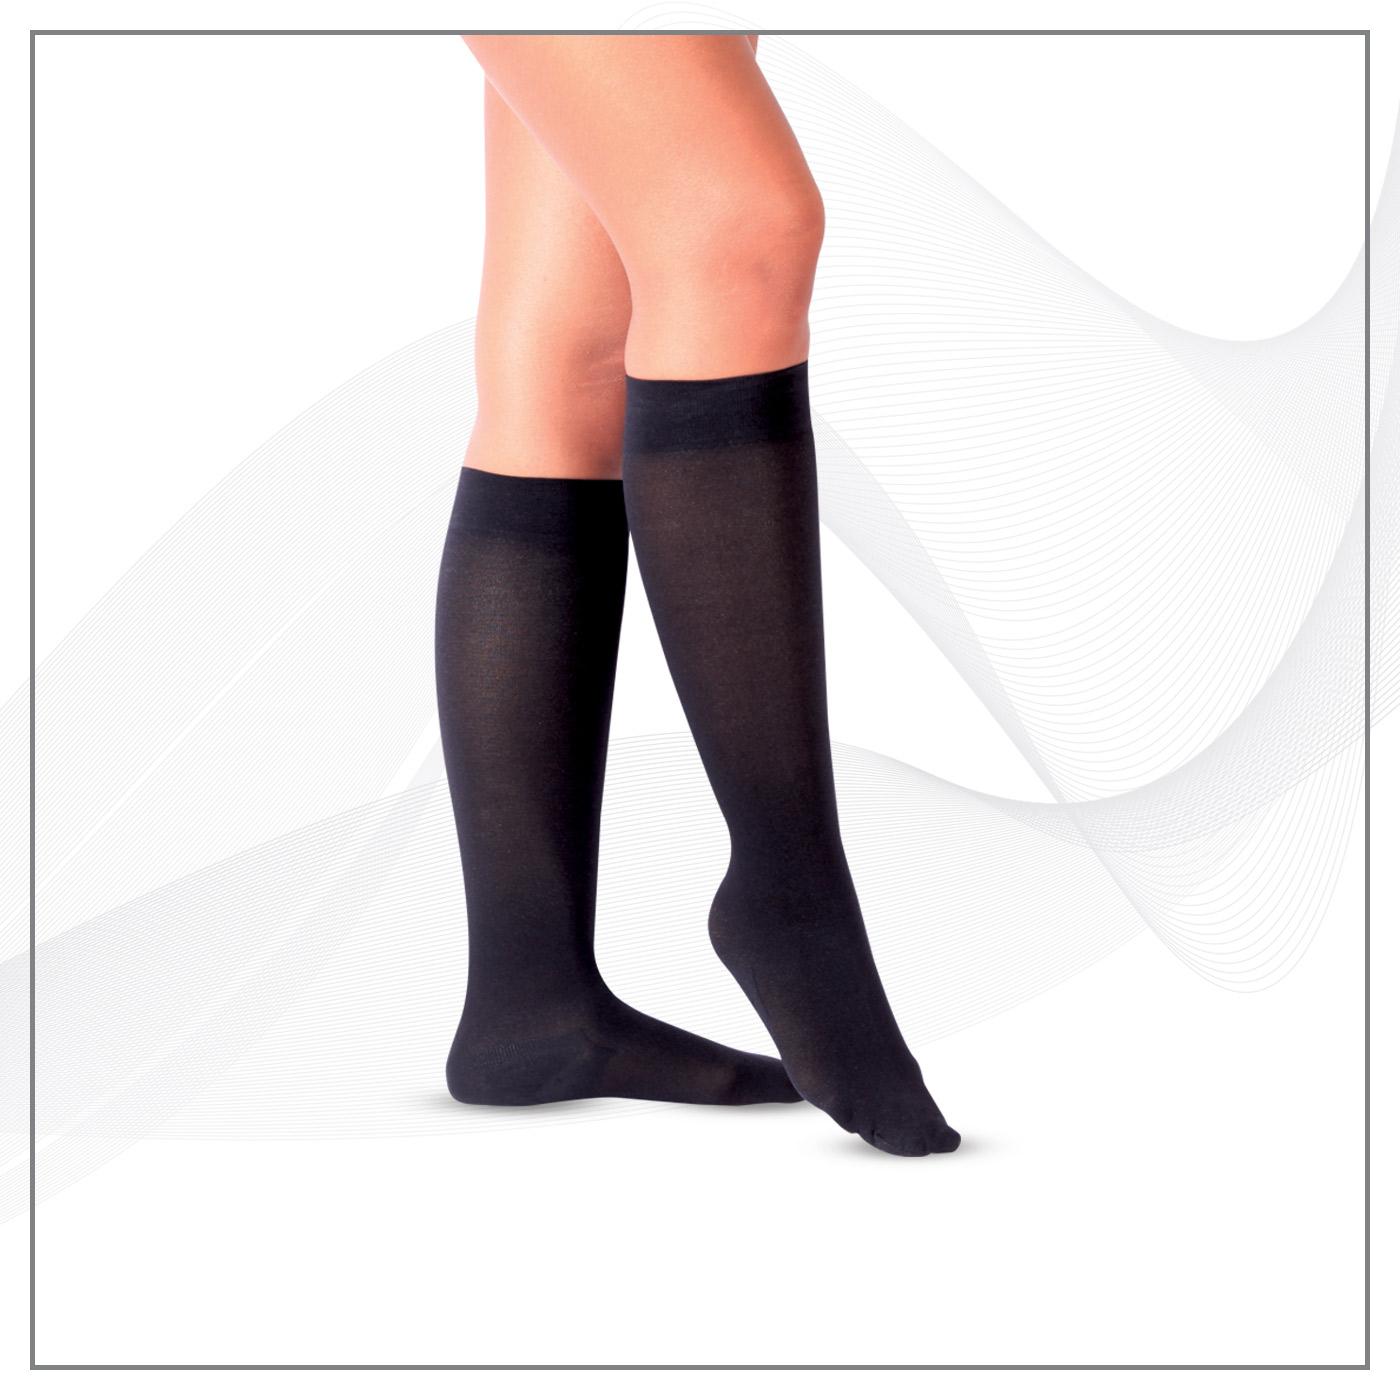 Abc Tıp Sağlık Medikal Çoraplar MS200 401